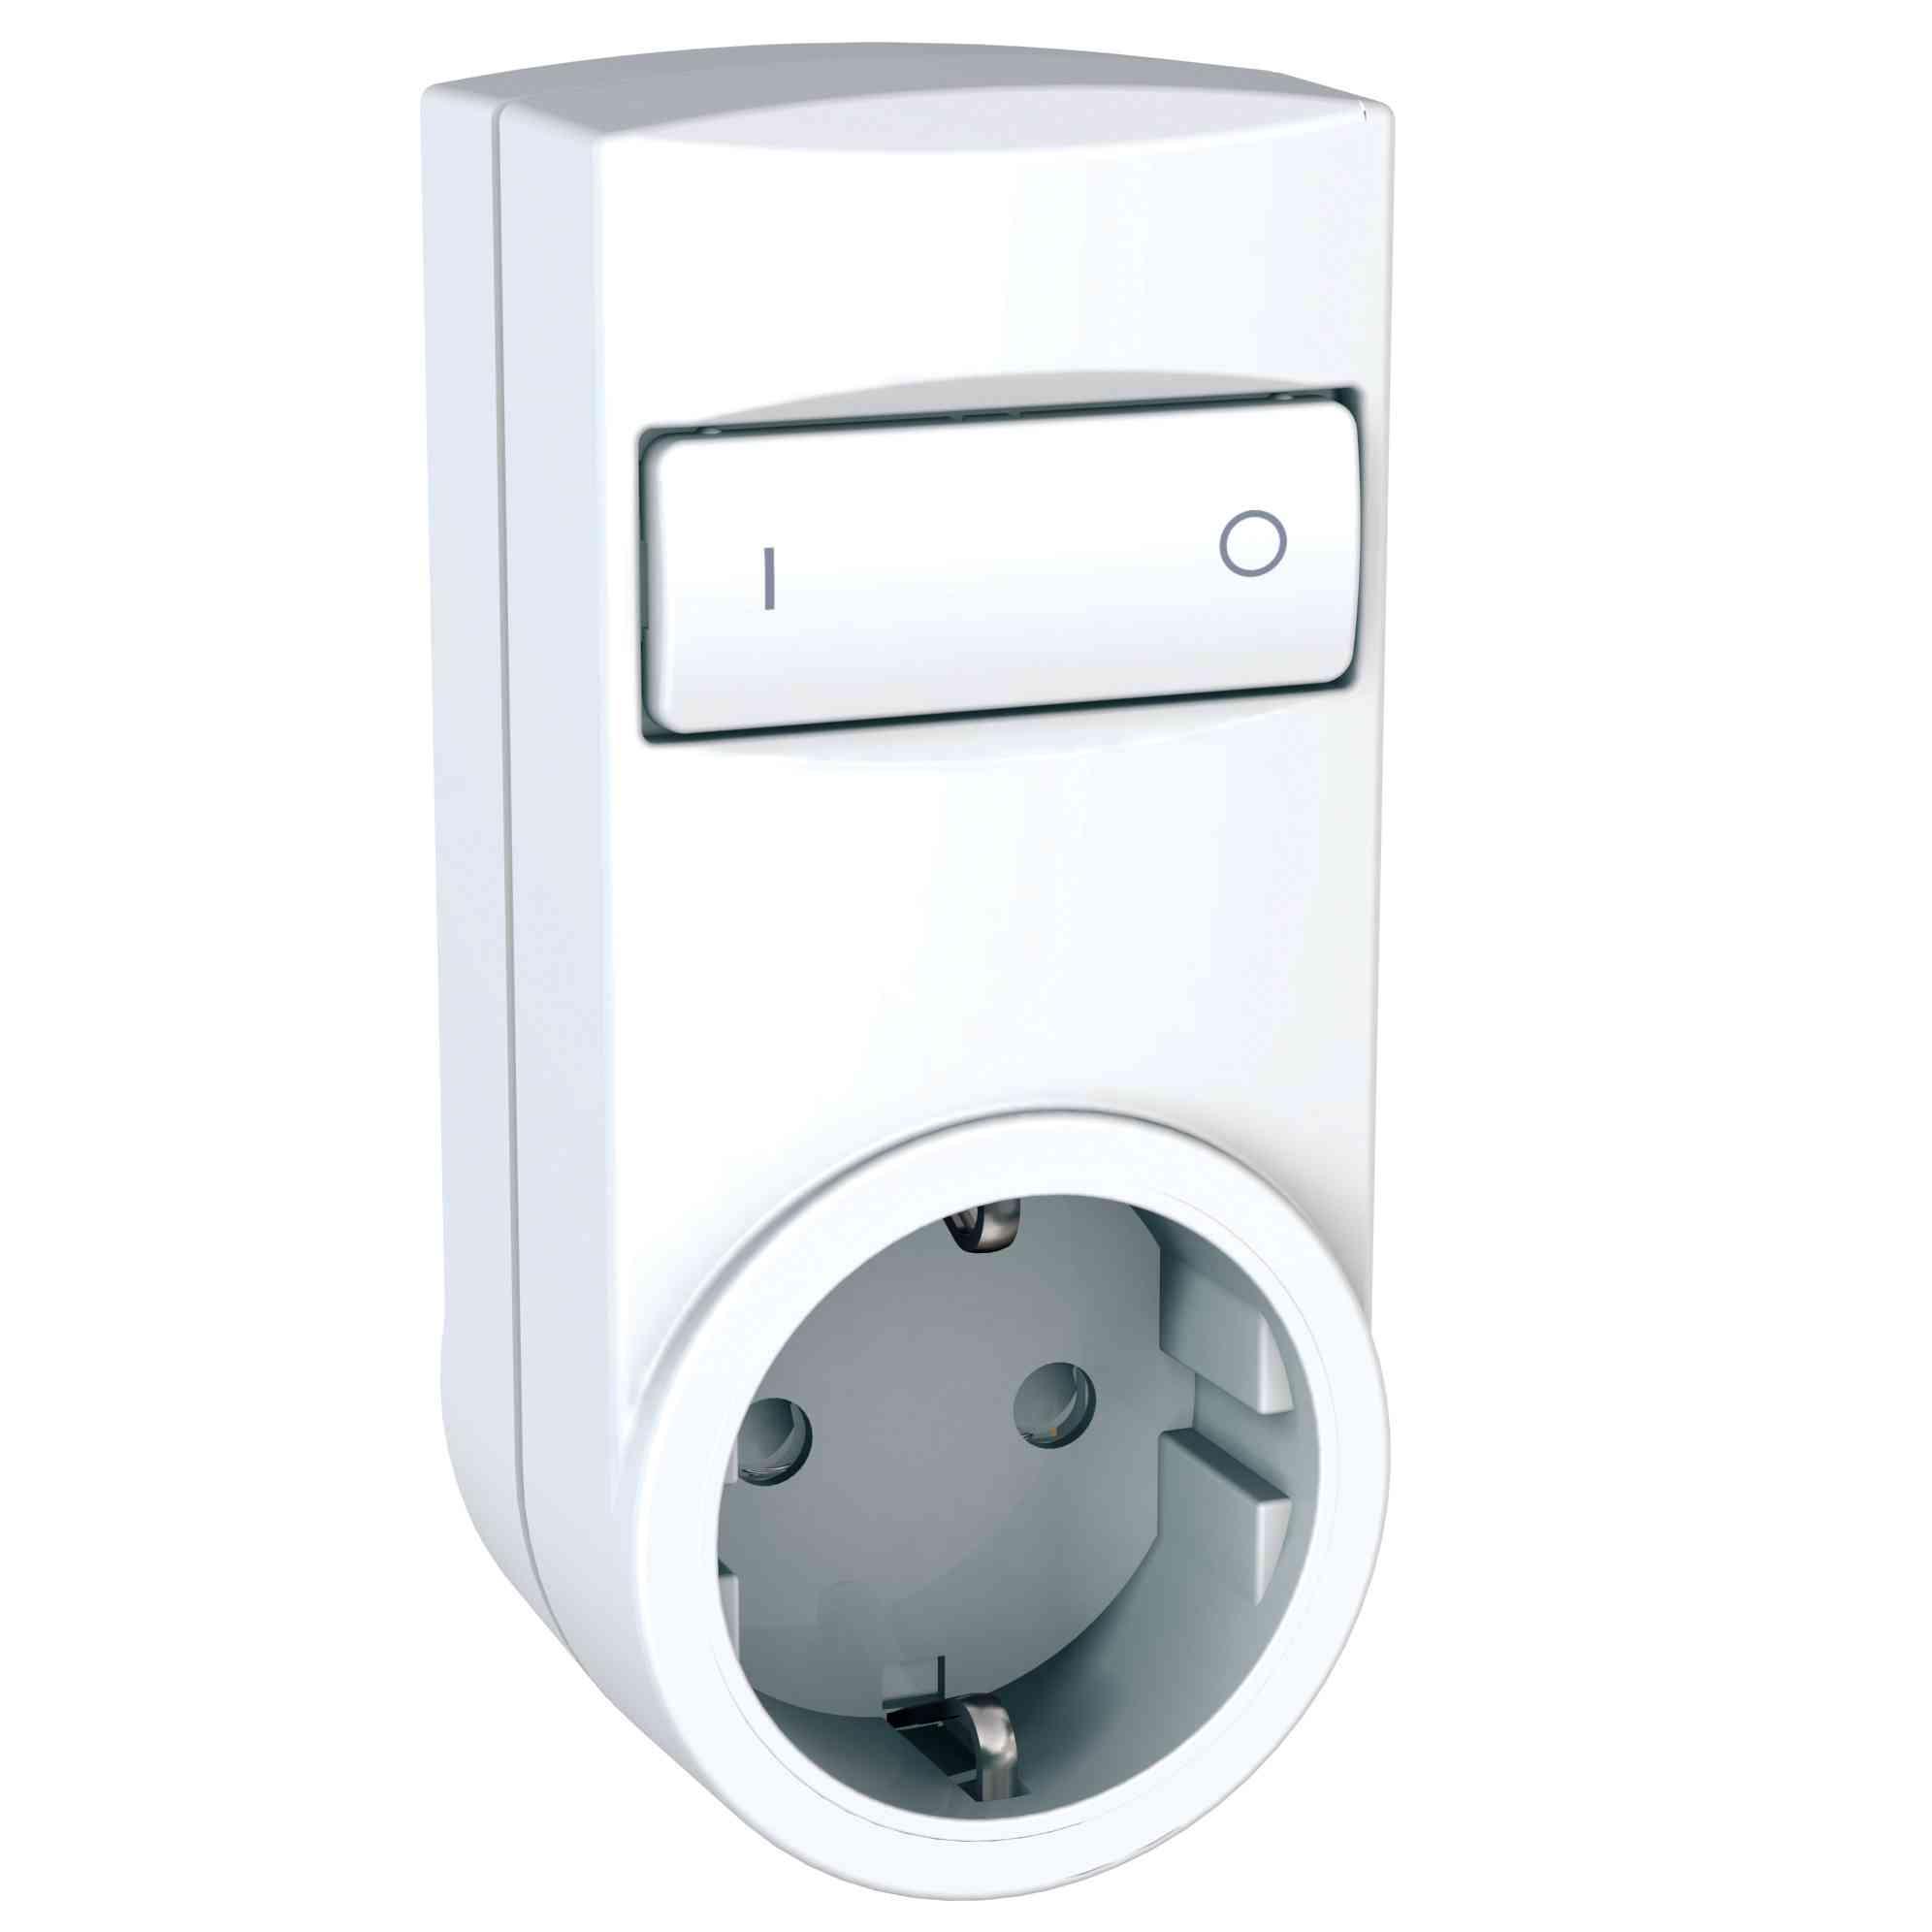 Odace/Unica Wireless - rele mobilne vtičnice - 2P+E, DE - 230 V AC - bel